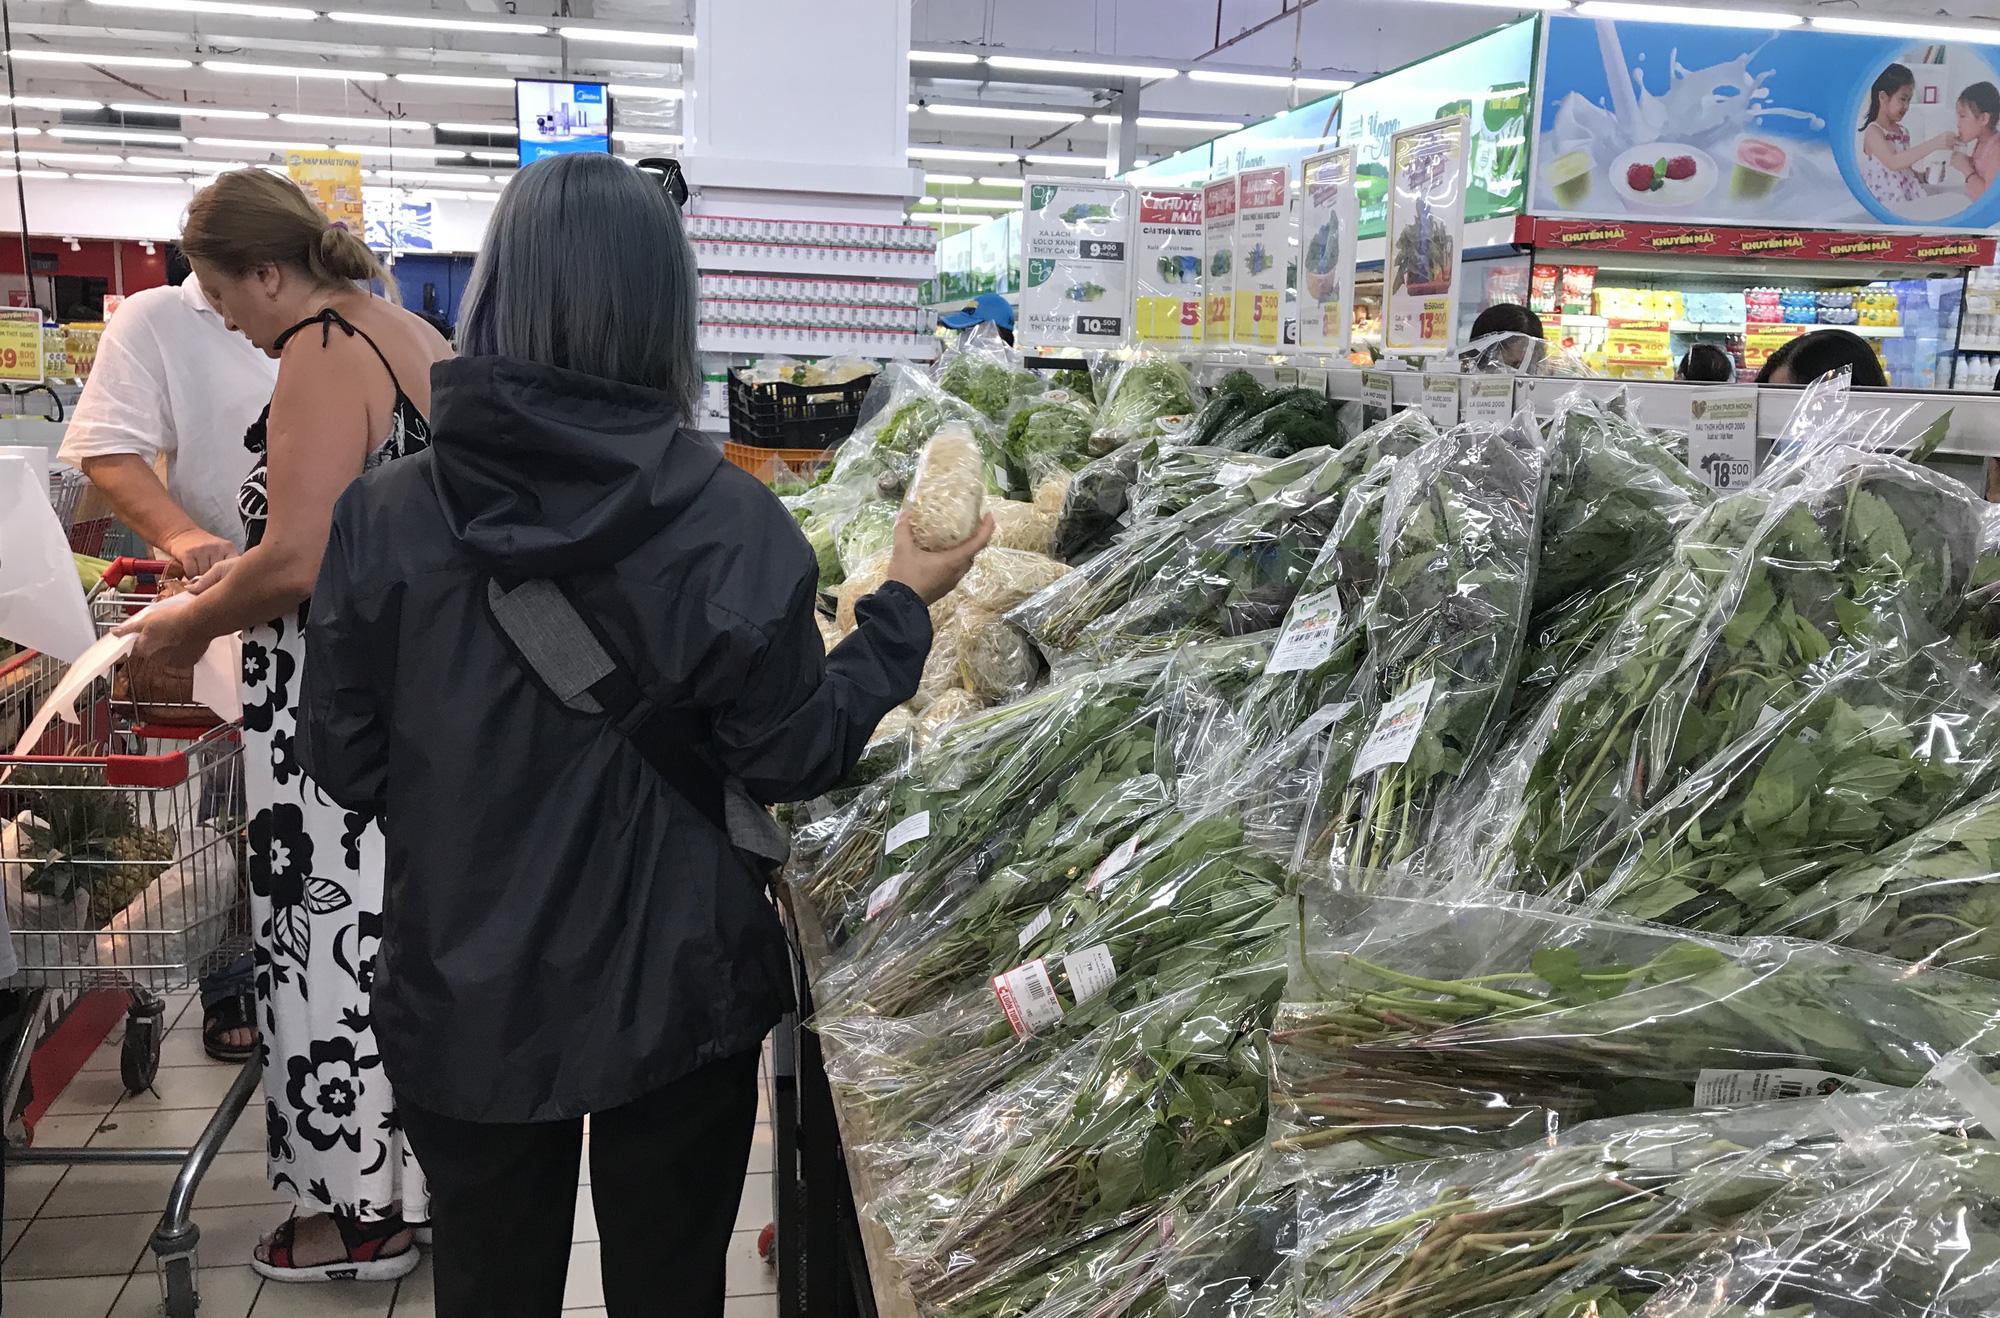 Siêu thị cam kết không thiếu hàng hóa, thực phẩm, đang chuyển thêm về Hà Nội trong hôm nay - Ảnh 1.